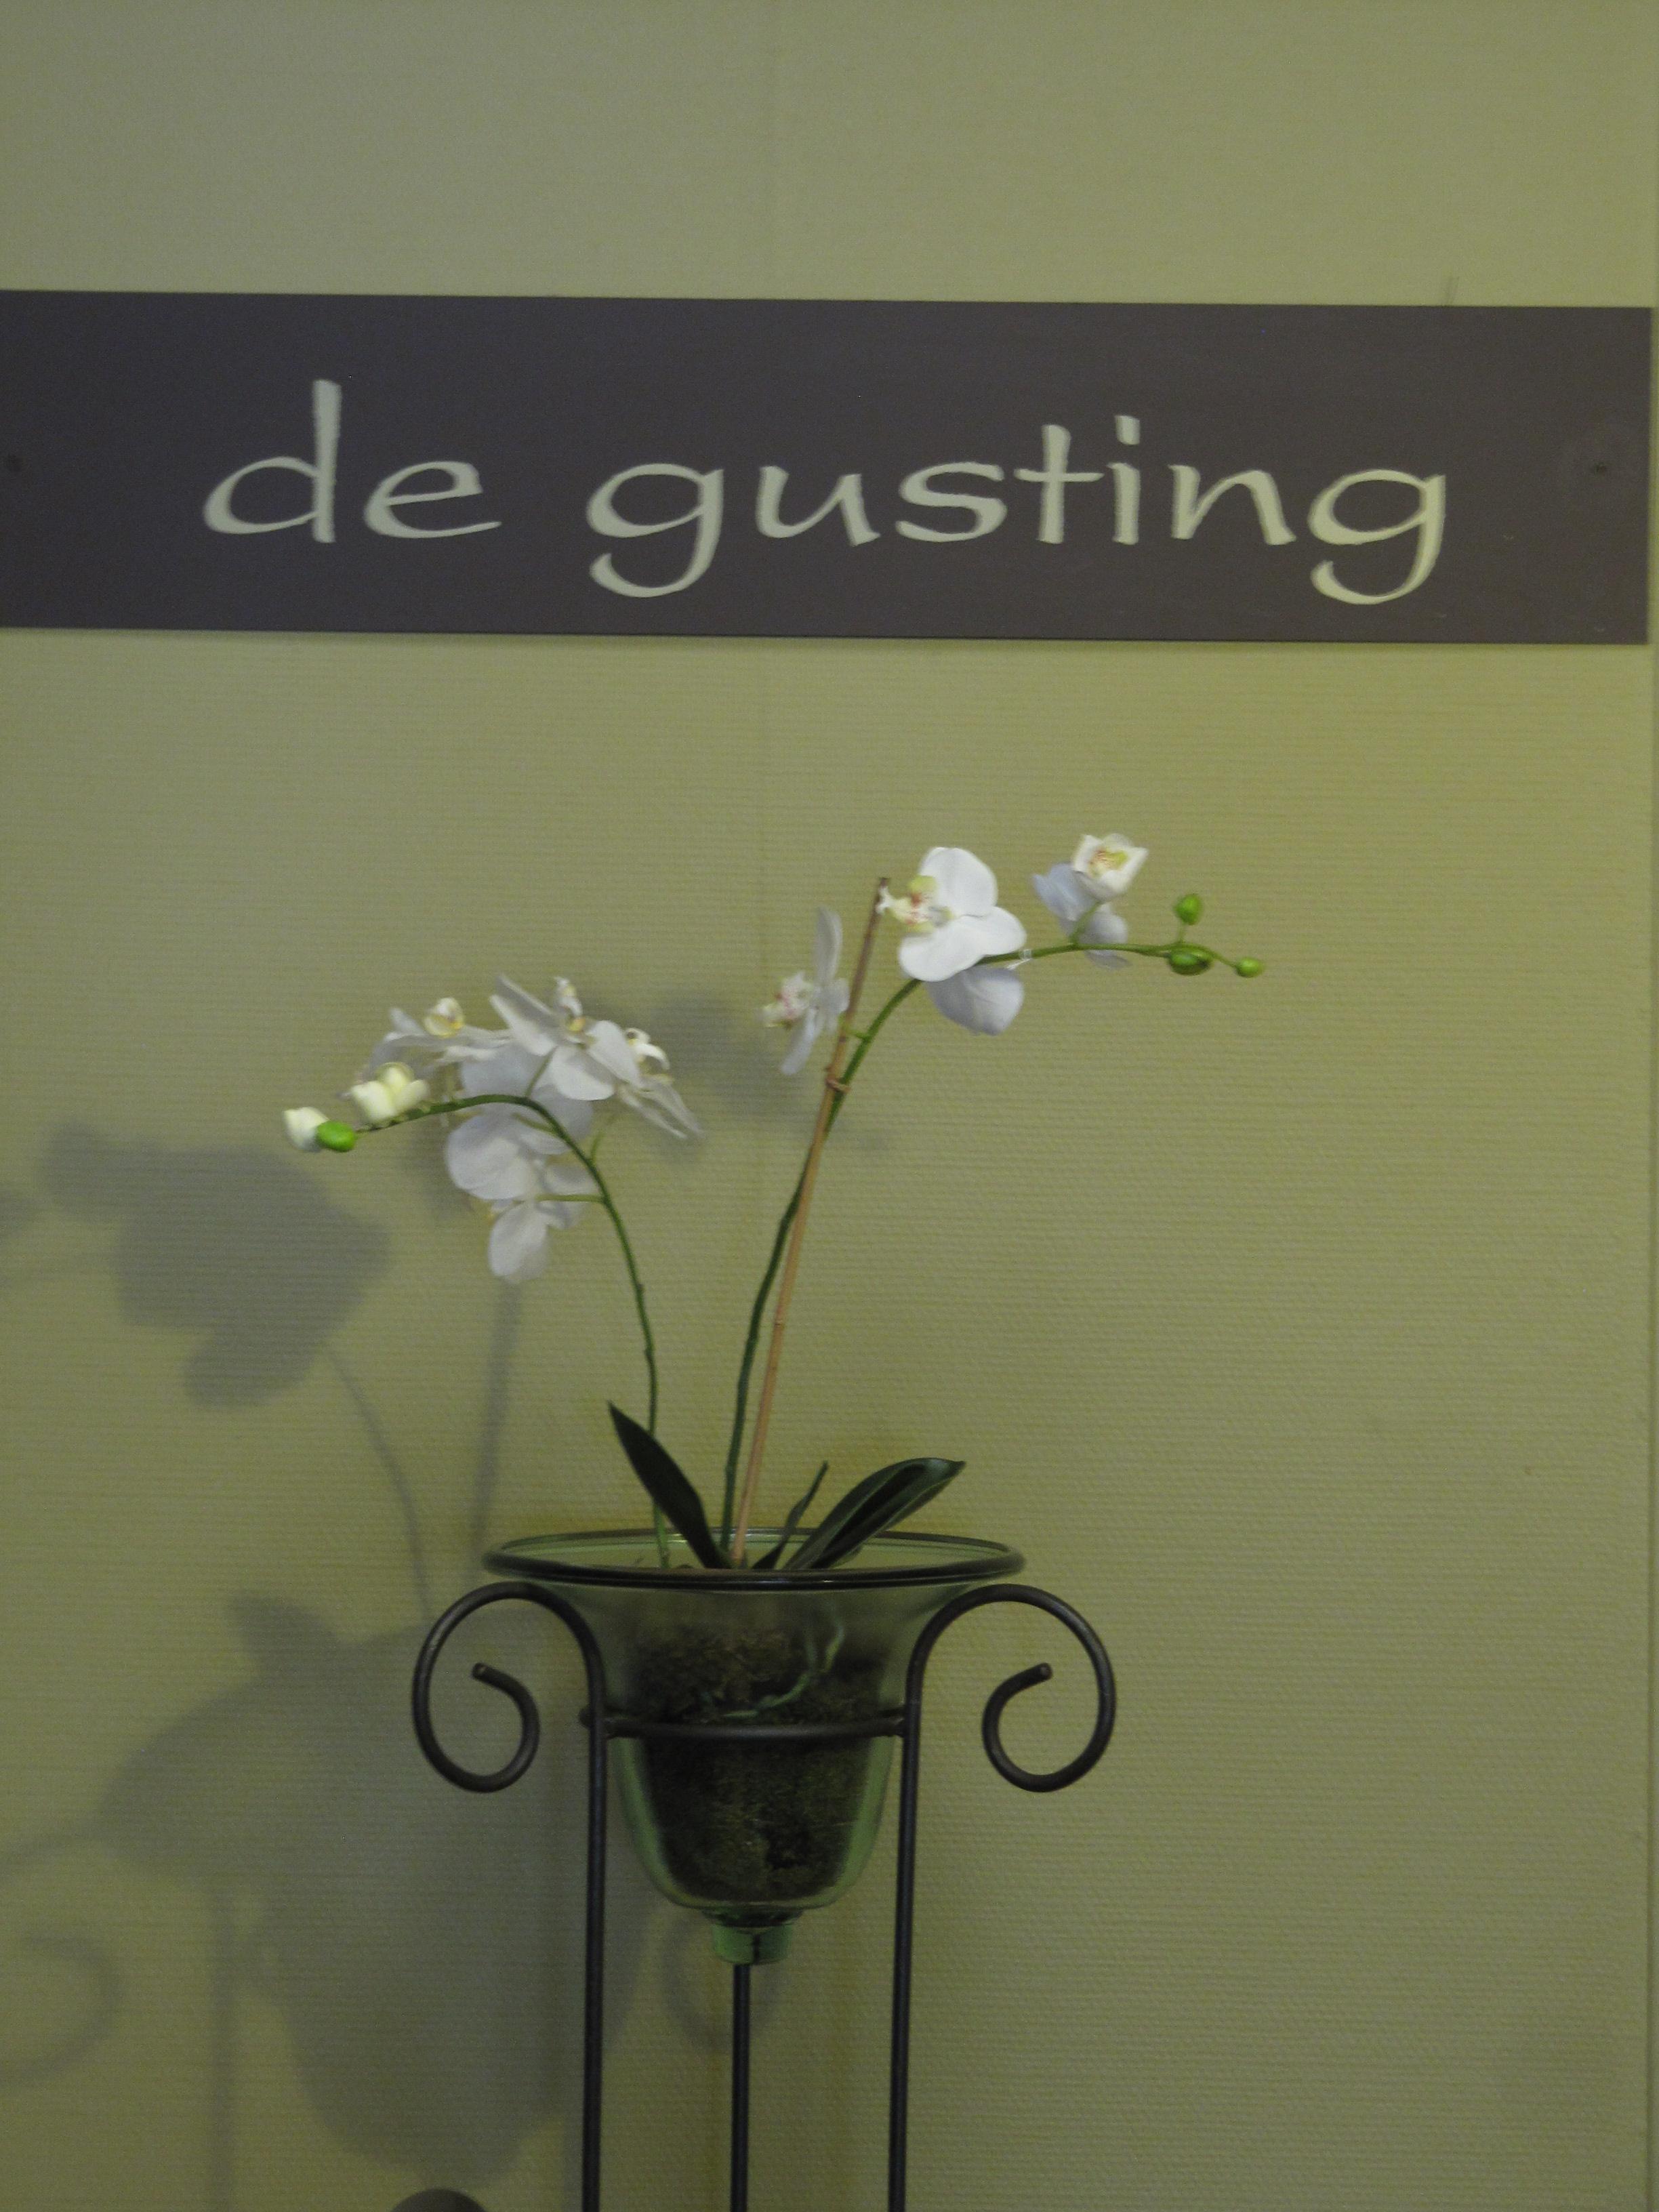 DE GUSTING